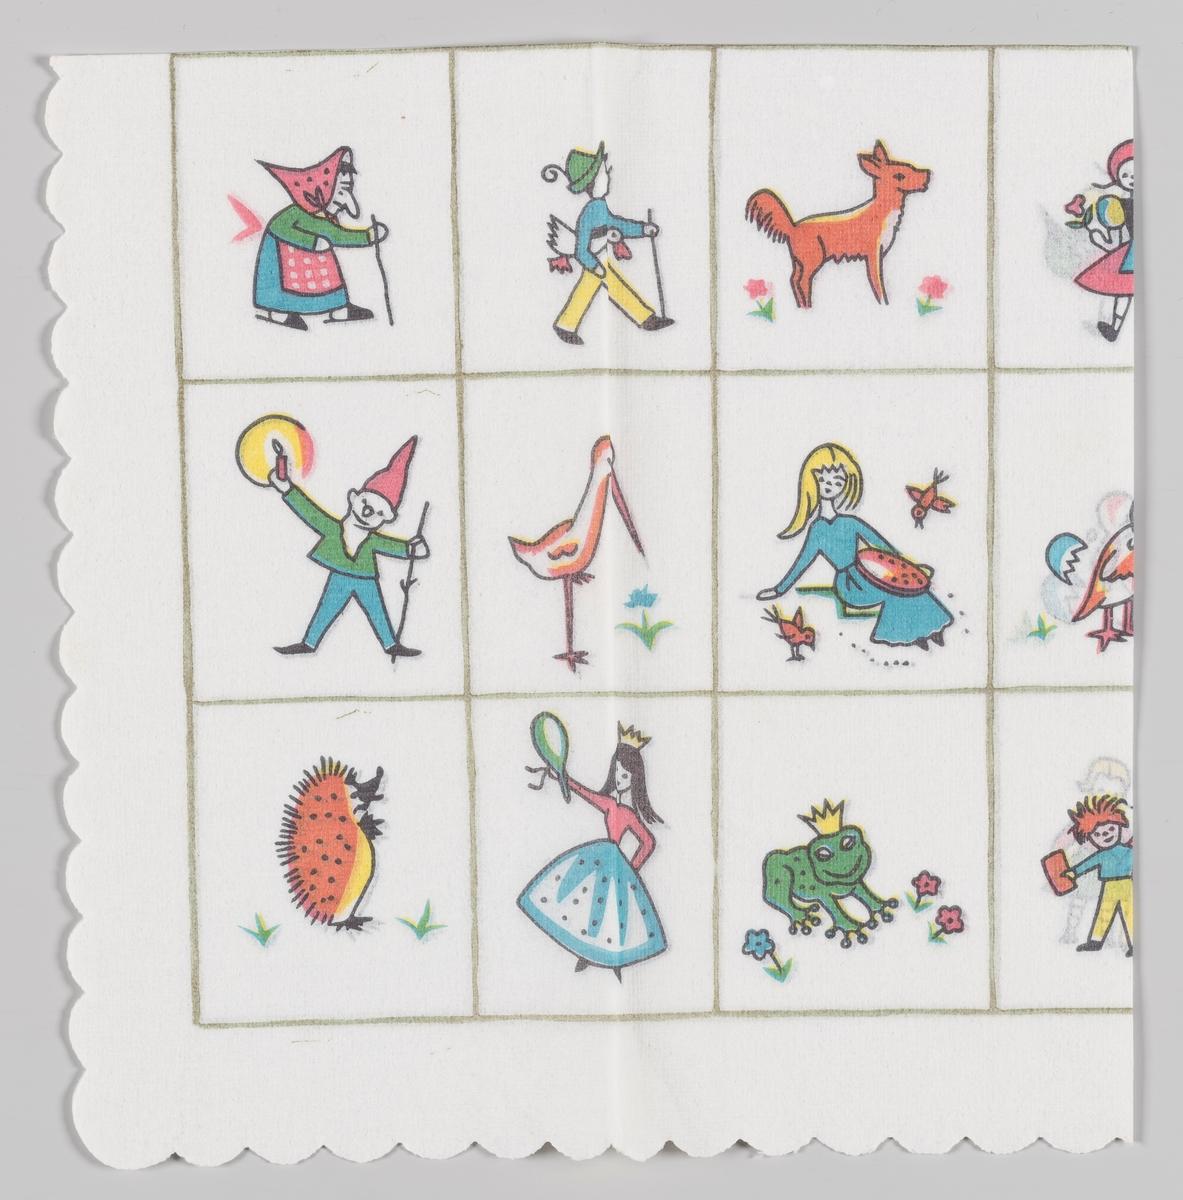 Firkanter med forskjellige figurer: En heks, en gutt med en gås under armen, en rev, en nisse, en stork, en jente som forer fuglene, et pinnsvin, en prinsesse, en frosk med krone.